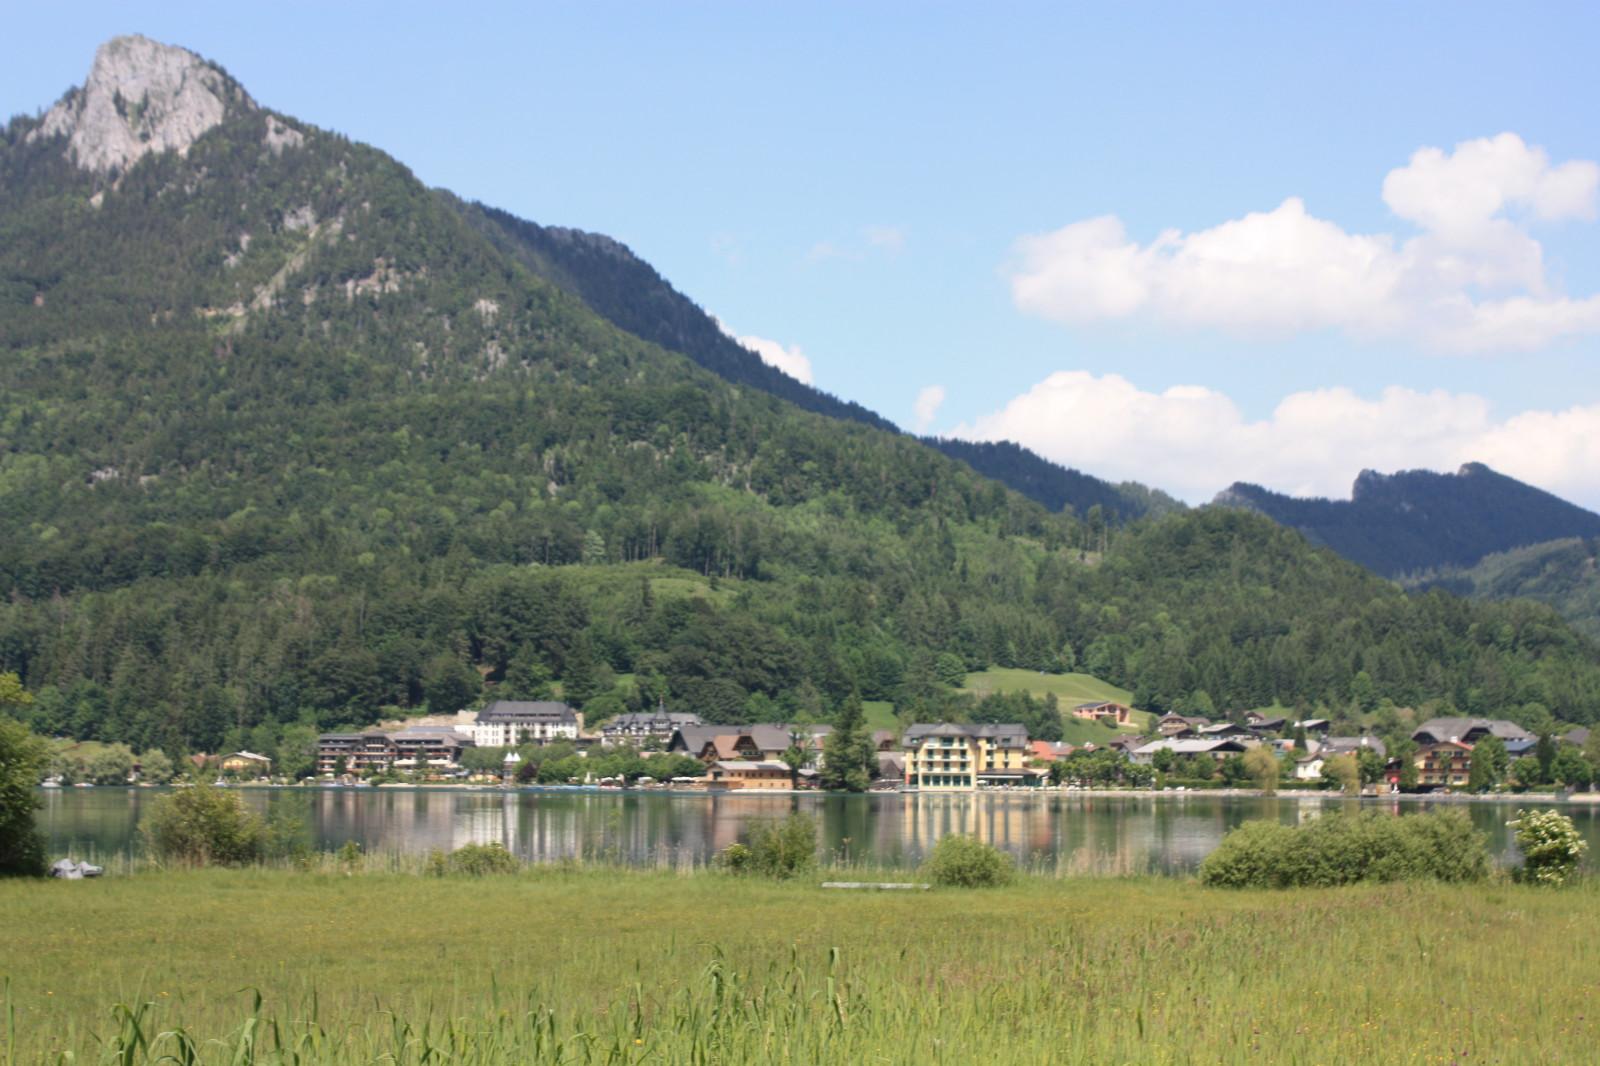 Der Ort Fuschl vom gegenüber liegenden Ufer